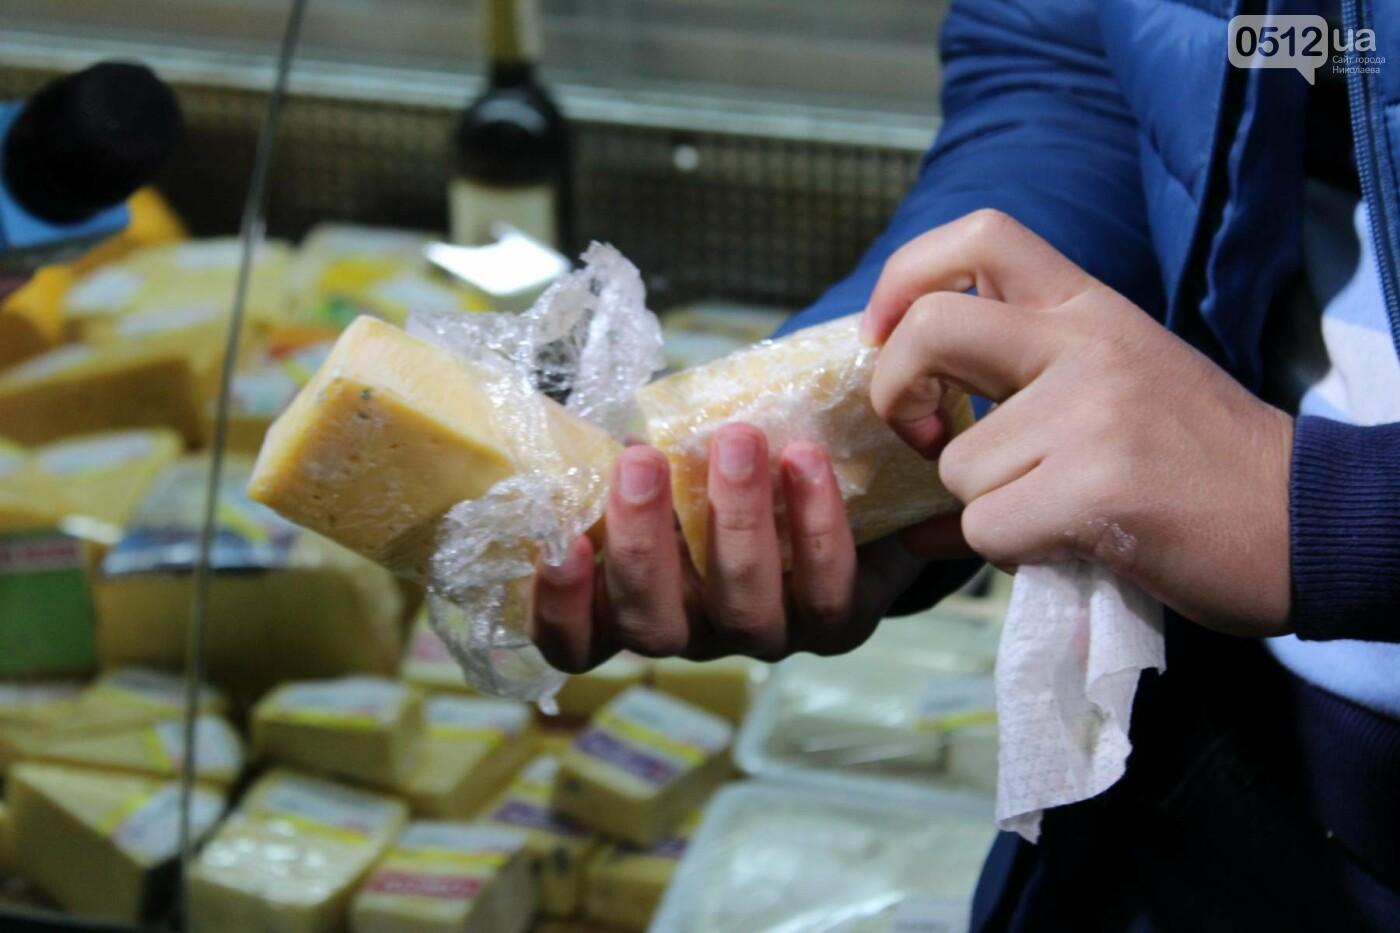 Проверка в супермаркетах: как николаевцам подсовывают испорченный товар (ФОТОРЕПОРТАЖ, ВИДЕО), фото-4